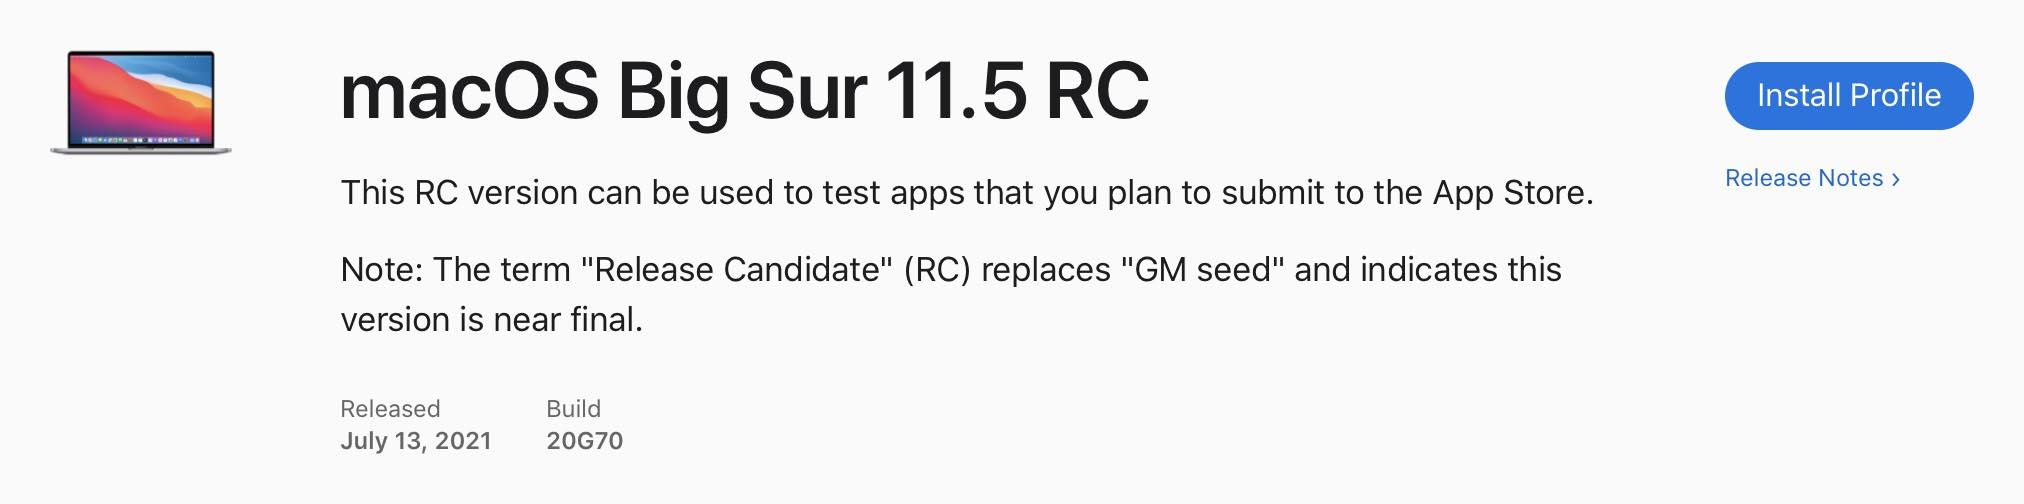 macOS 11.5 RC